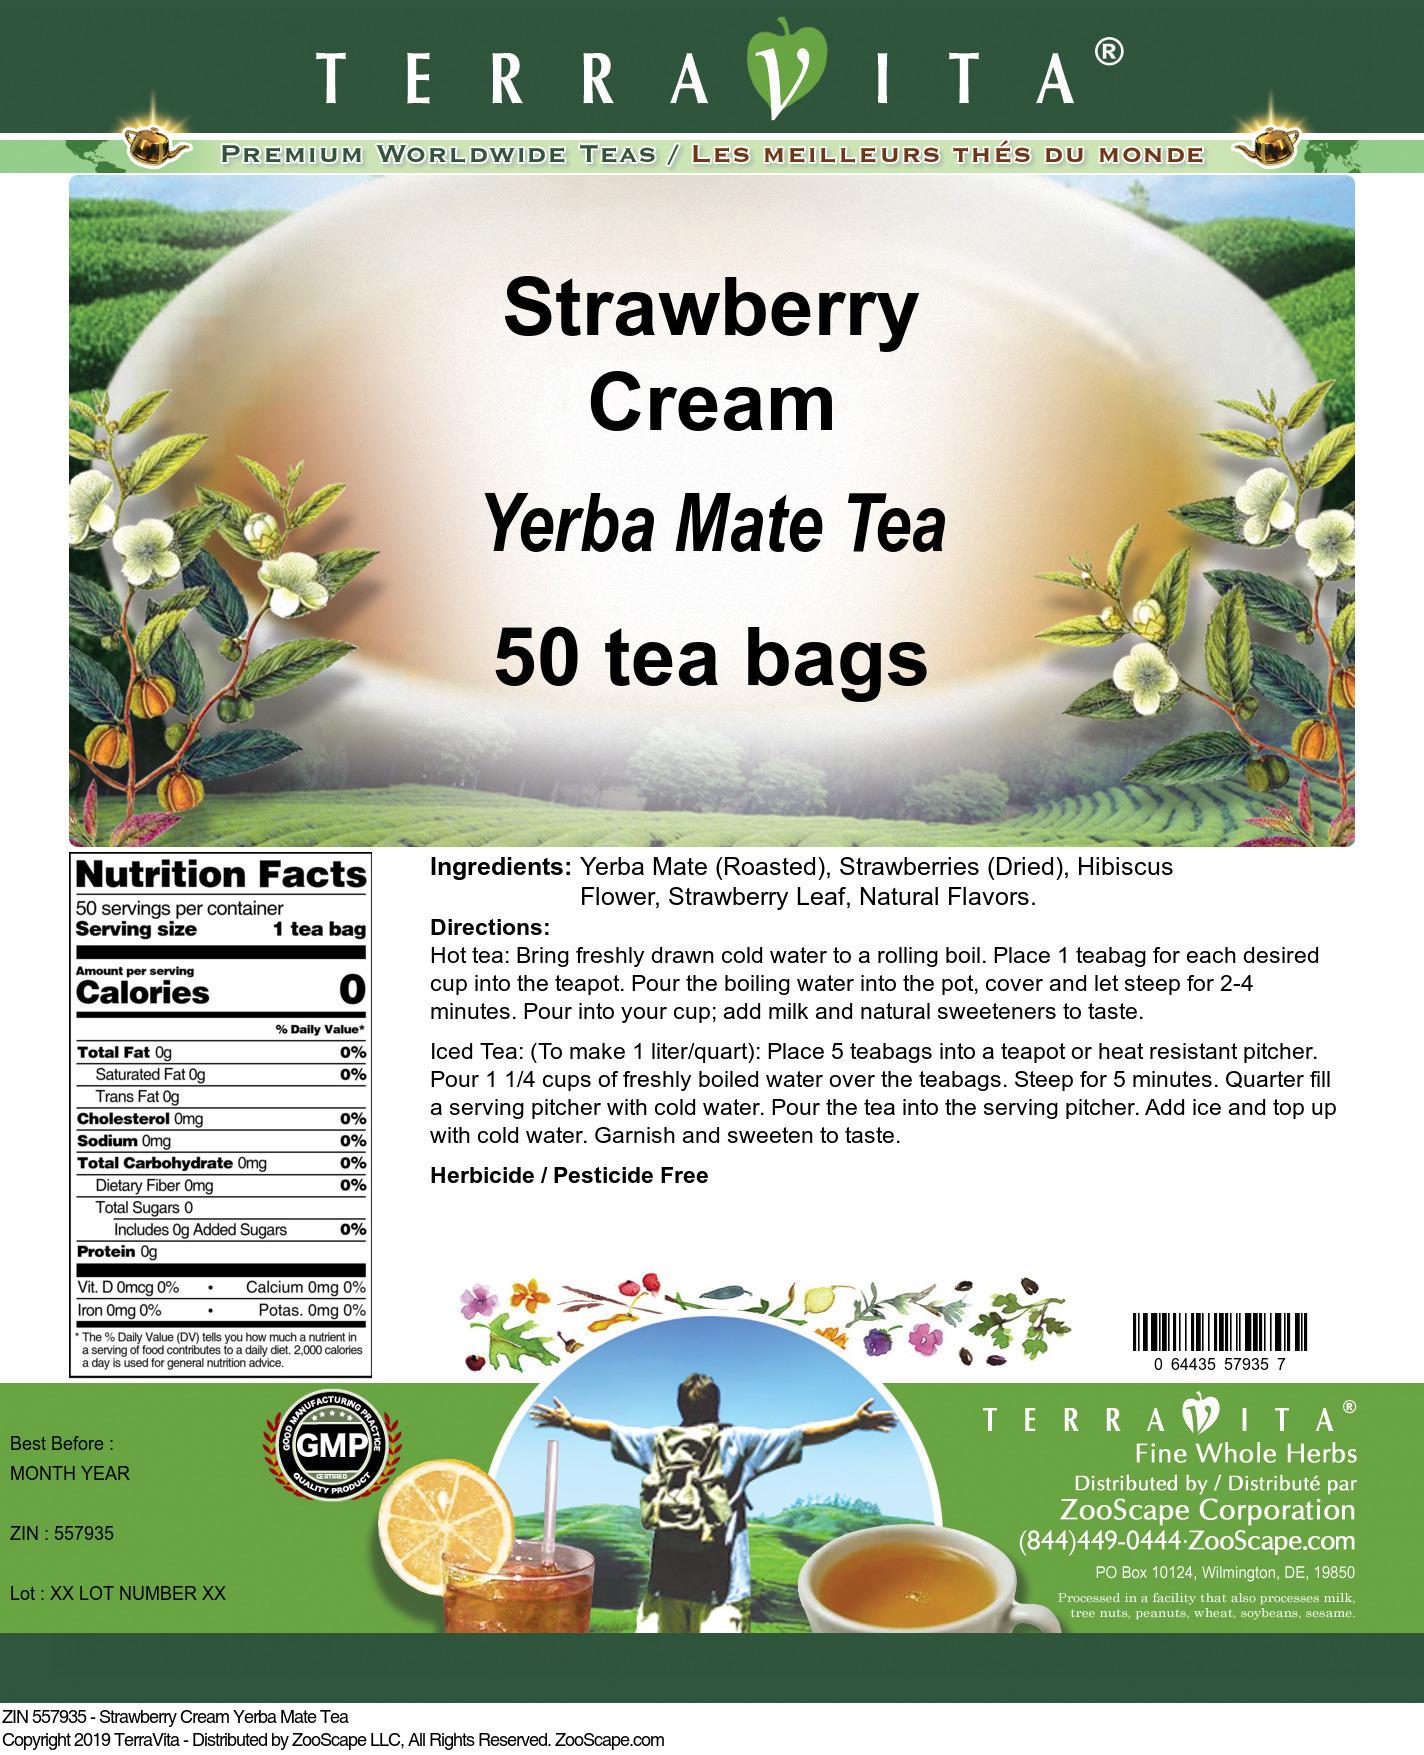 Strawberry Cream Yerba Mate Tea